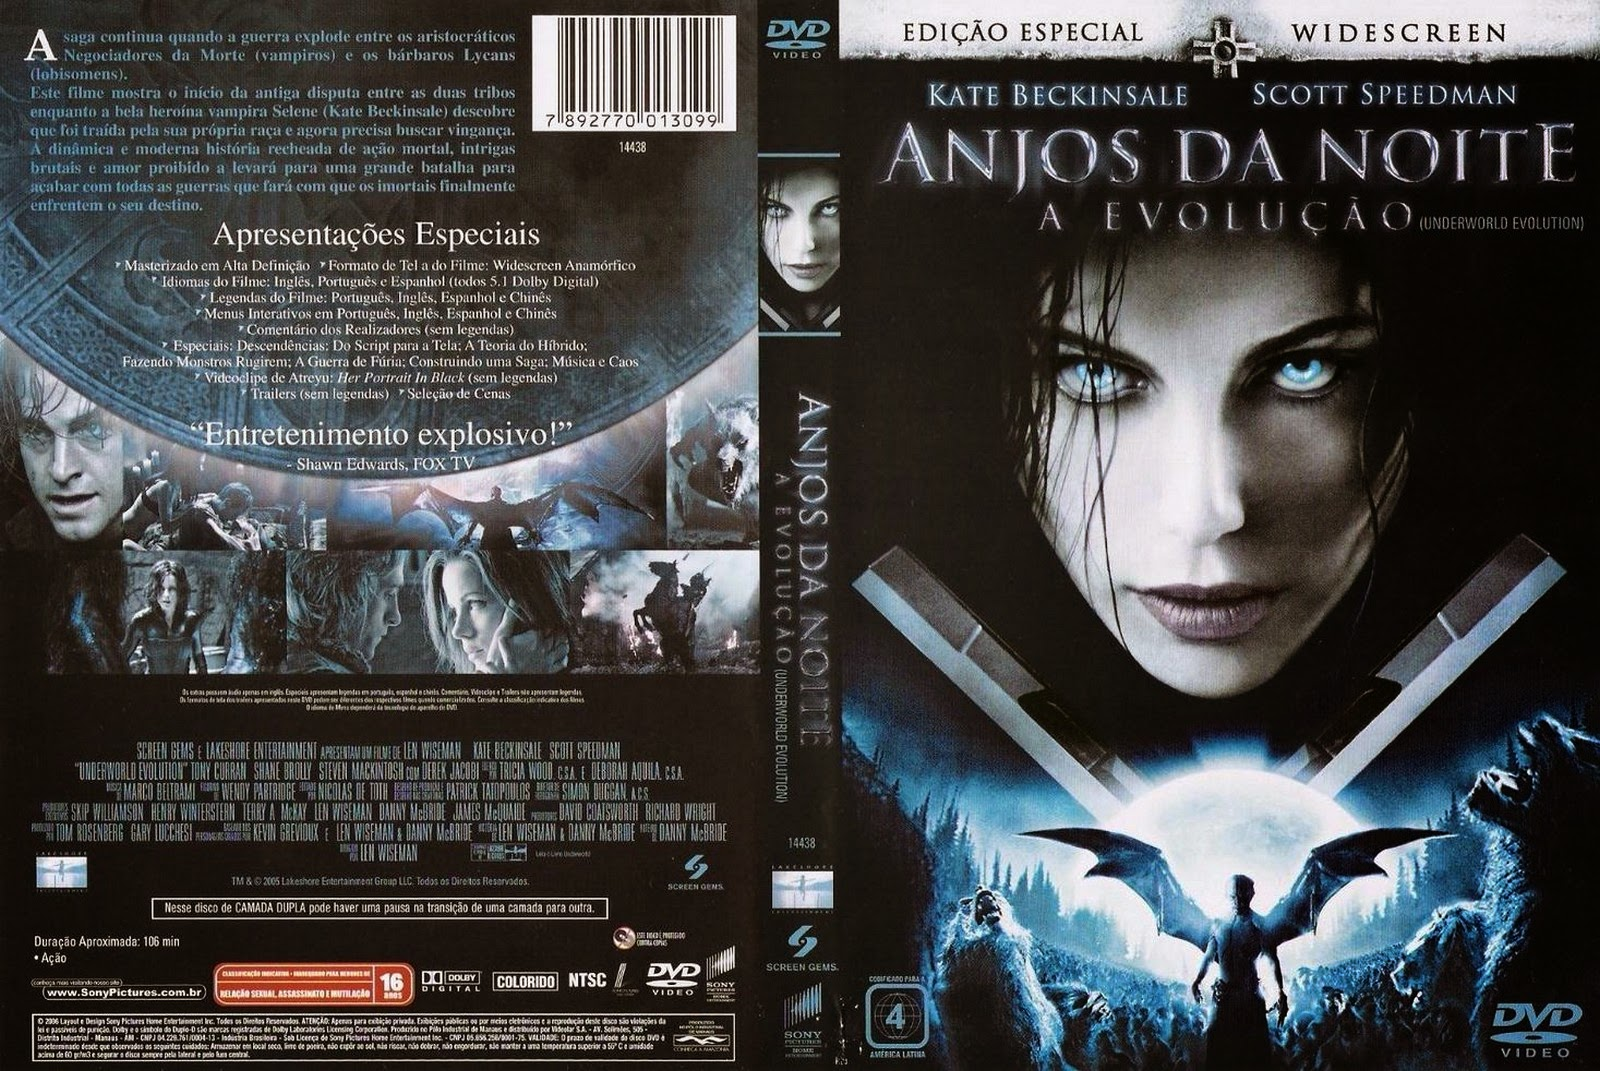 Anjos da Noite 2 - A Evolução DVD Capa